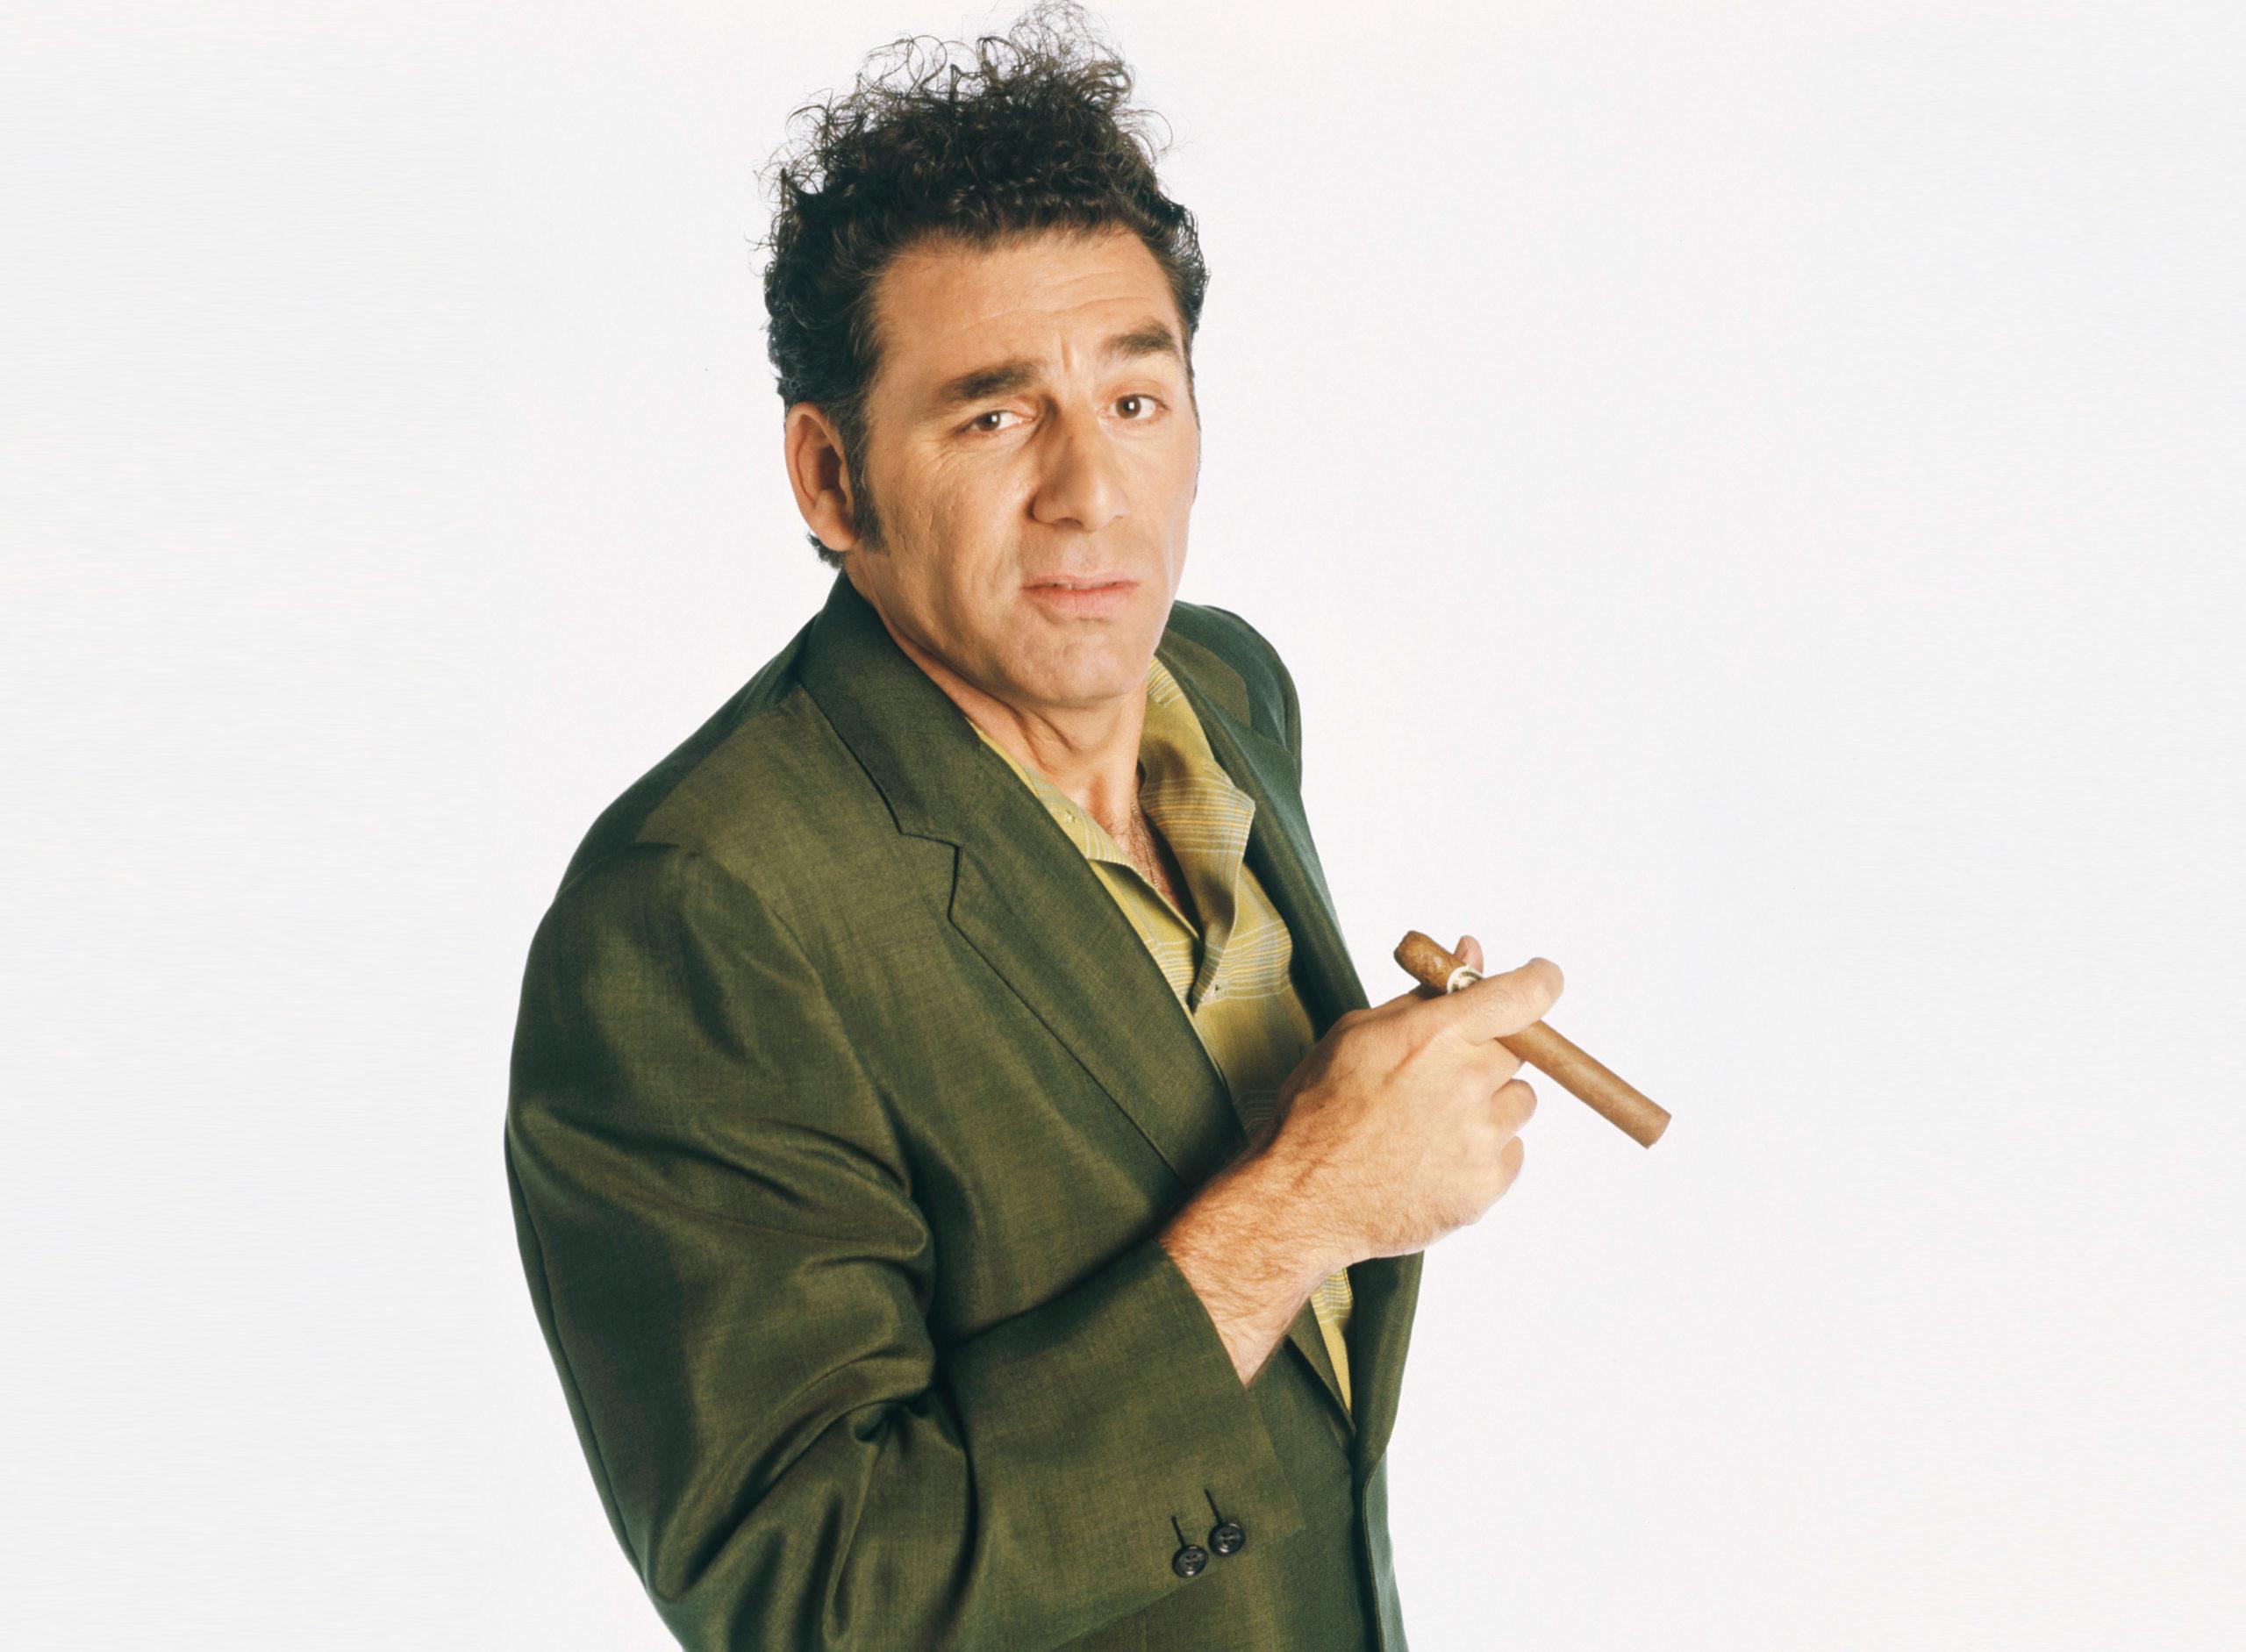 Kramer on Seinfeld